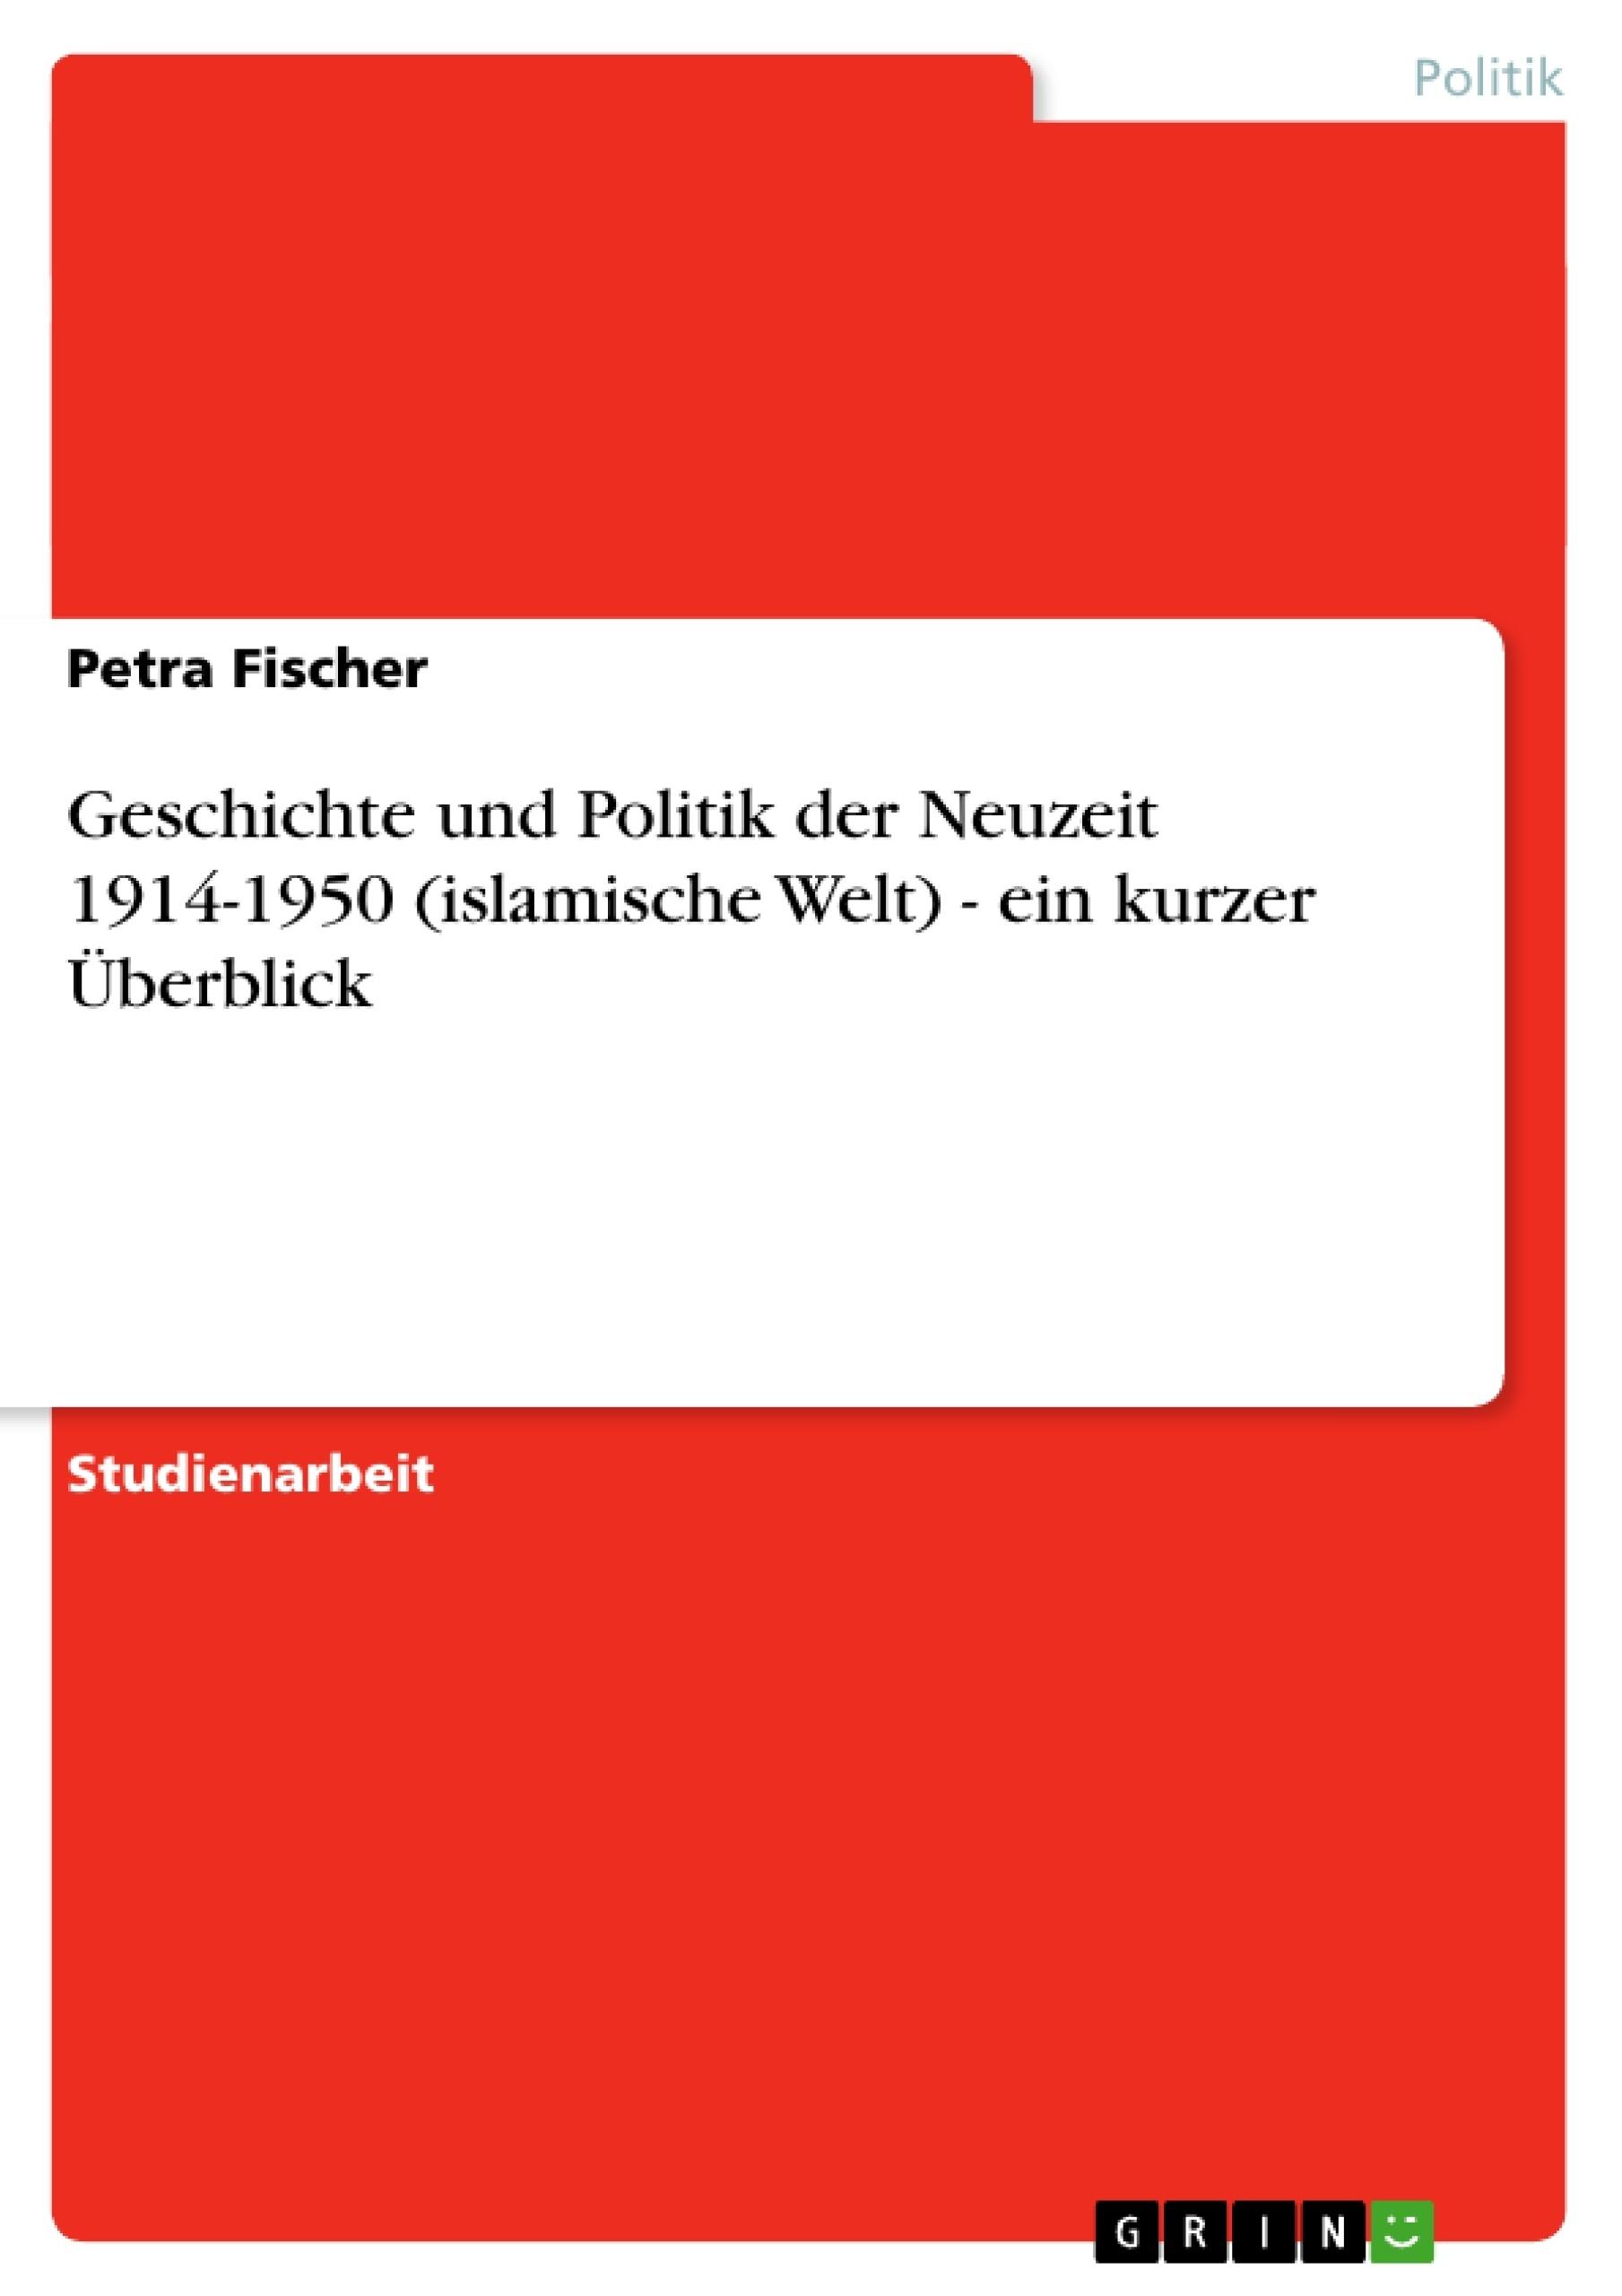 Titel: Geschichte und Politik der Neuzeit 1914-1950 (islamische Welt) - ein kurzer Überblick